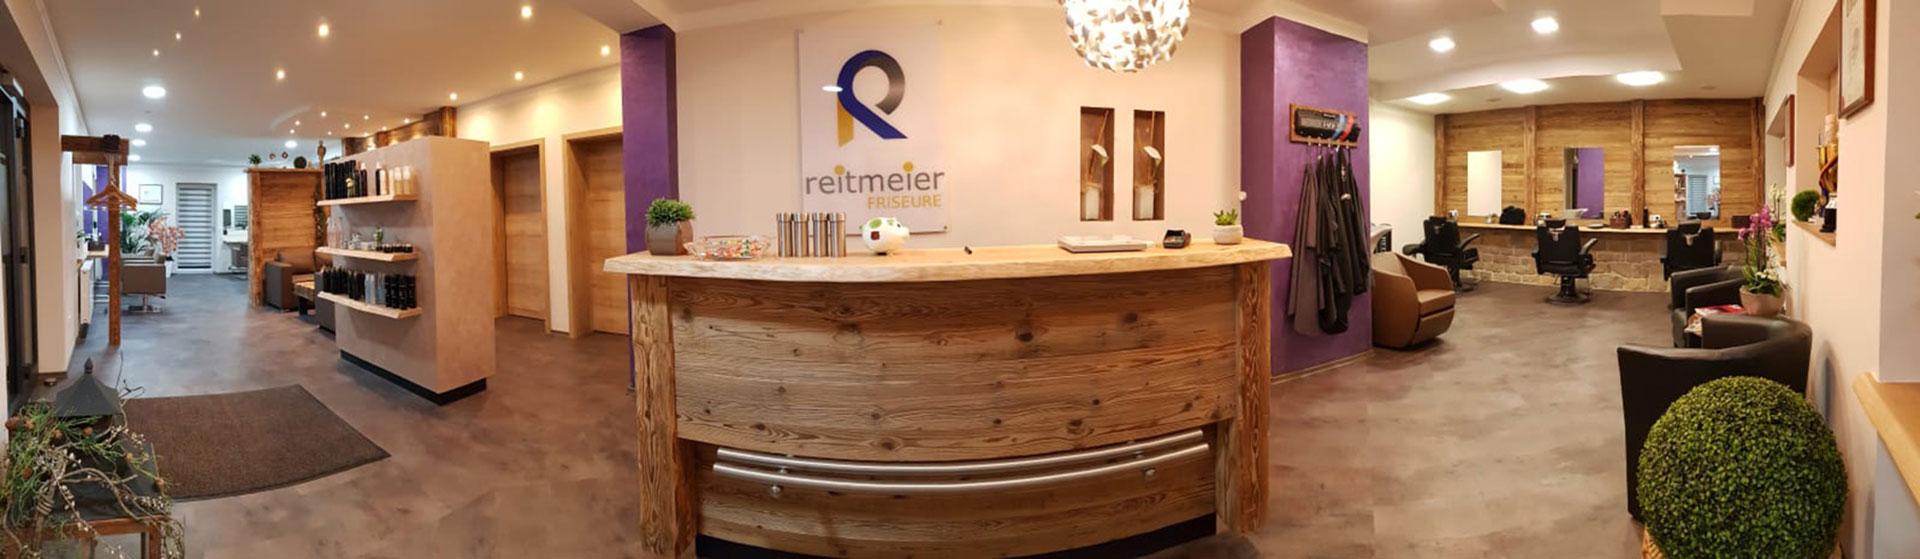 Salons - Reitmeier Friseure